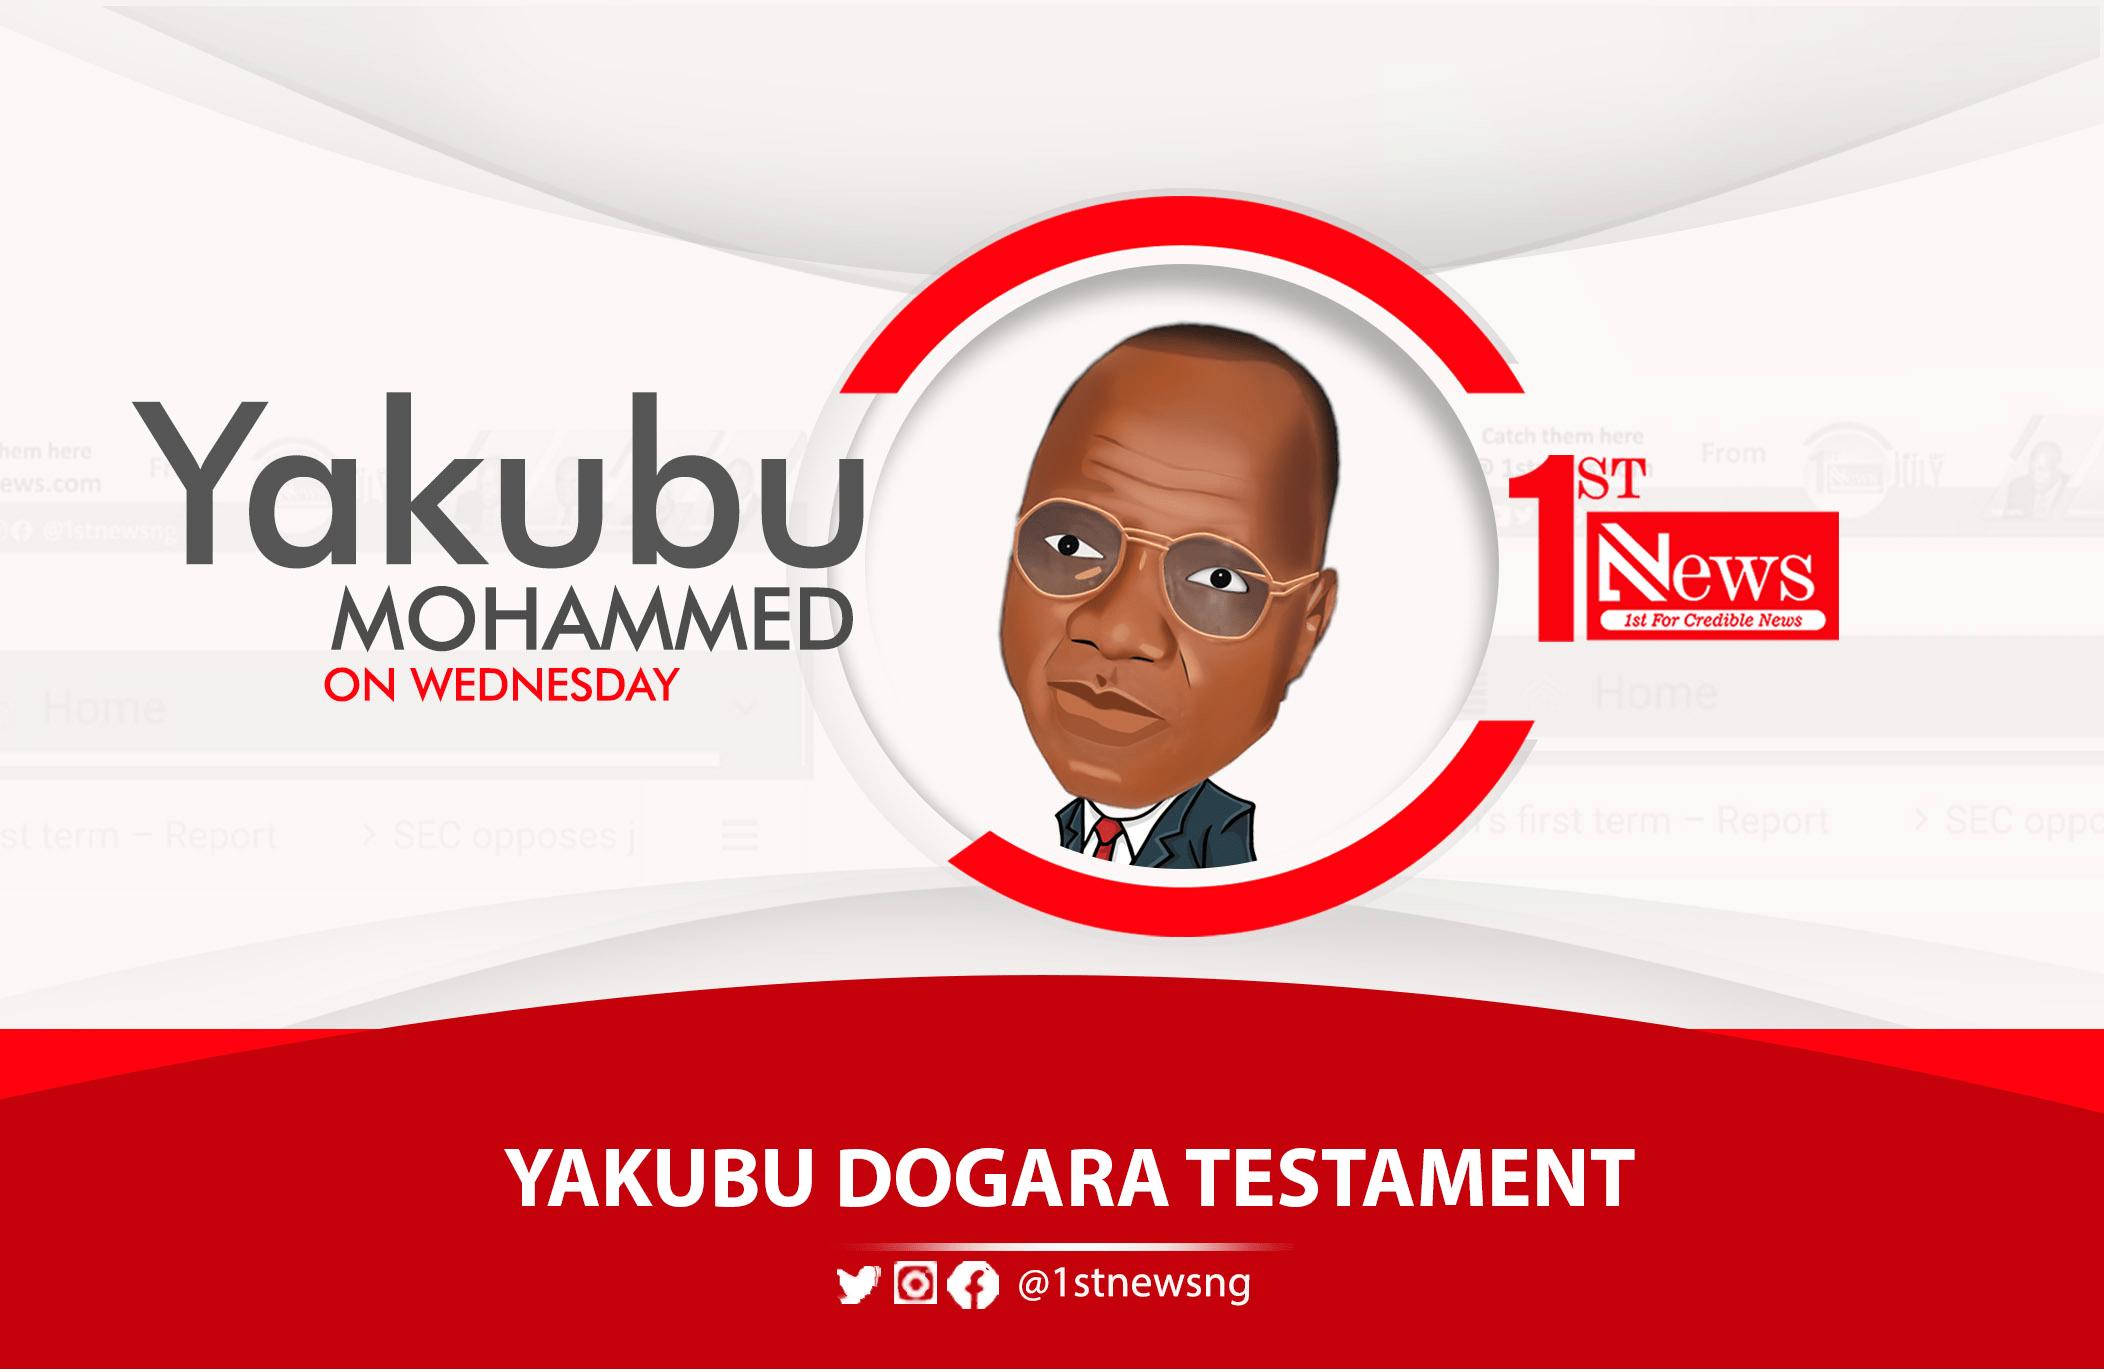 Yakubu Dogara Testament – Yakubu Mohammed